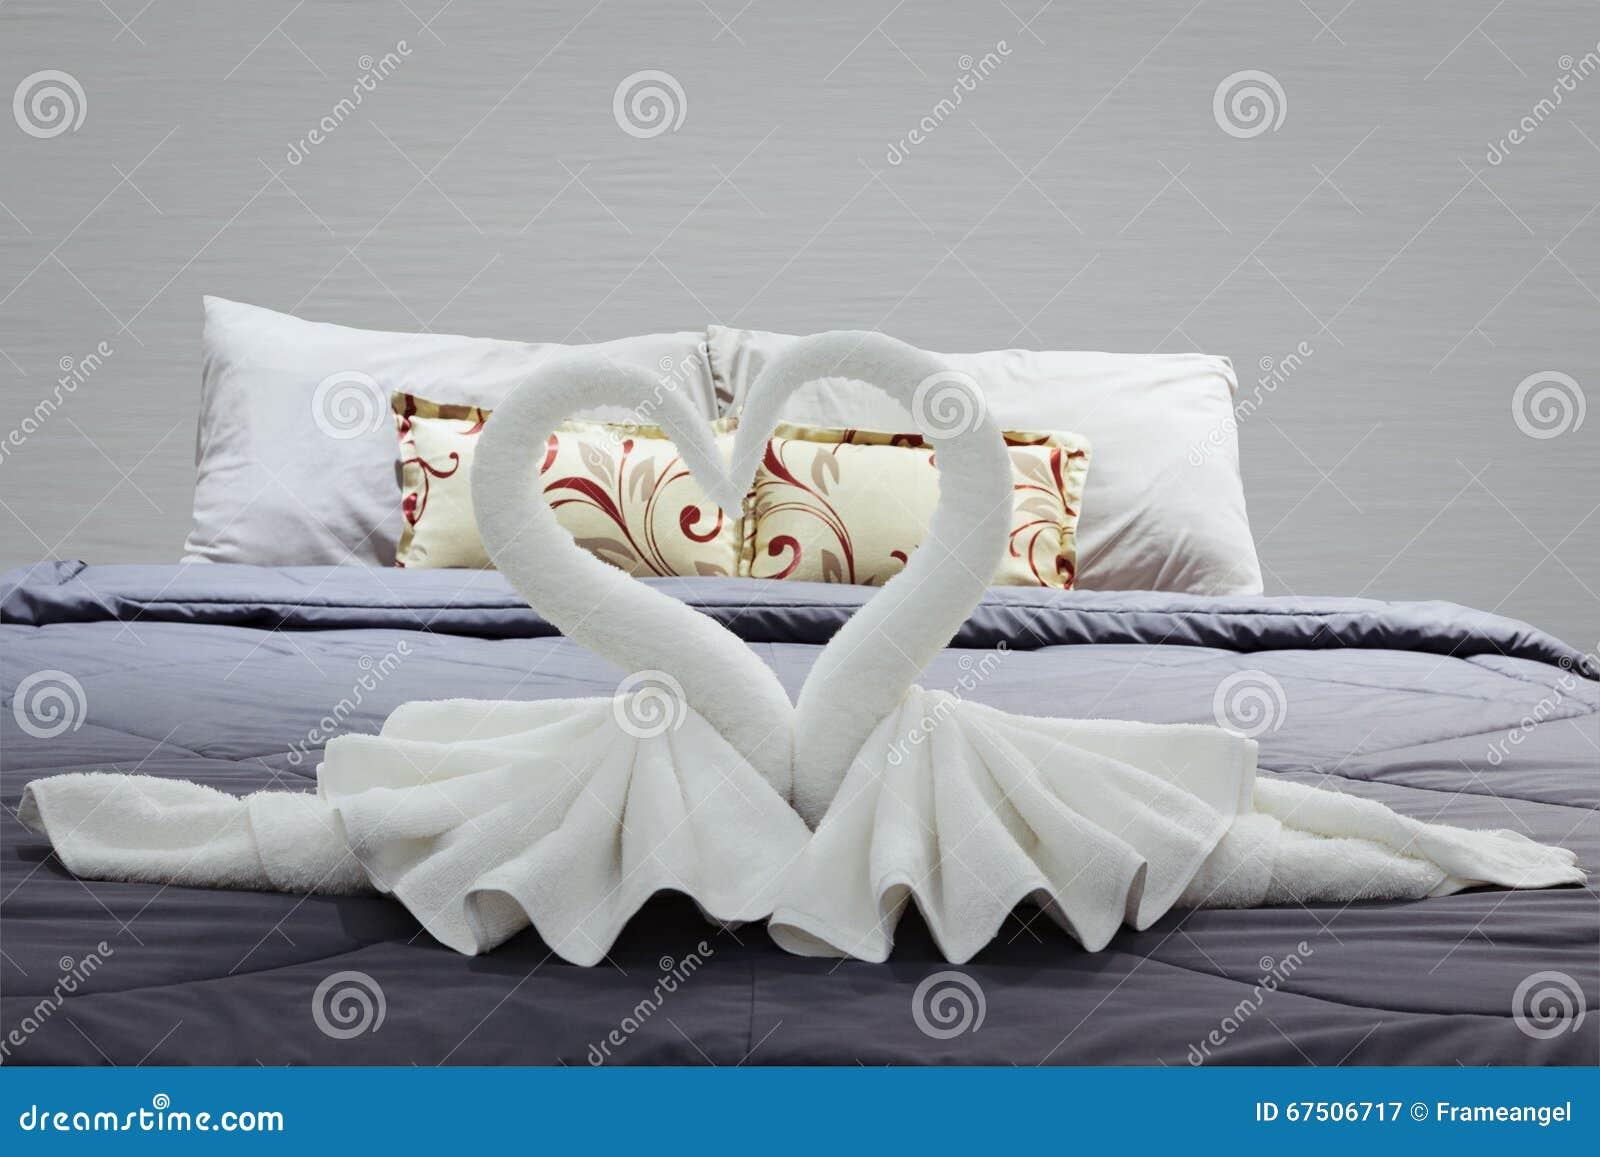 Towel Folded In Swan Heart Shape Stock Image